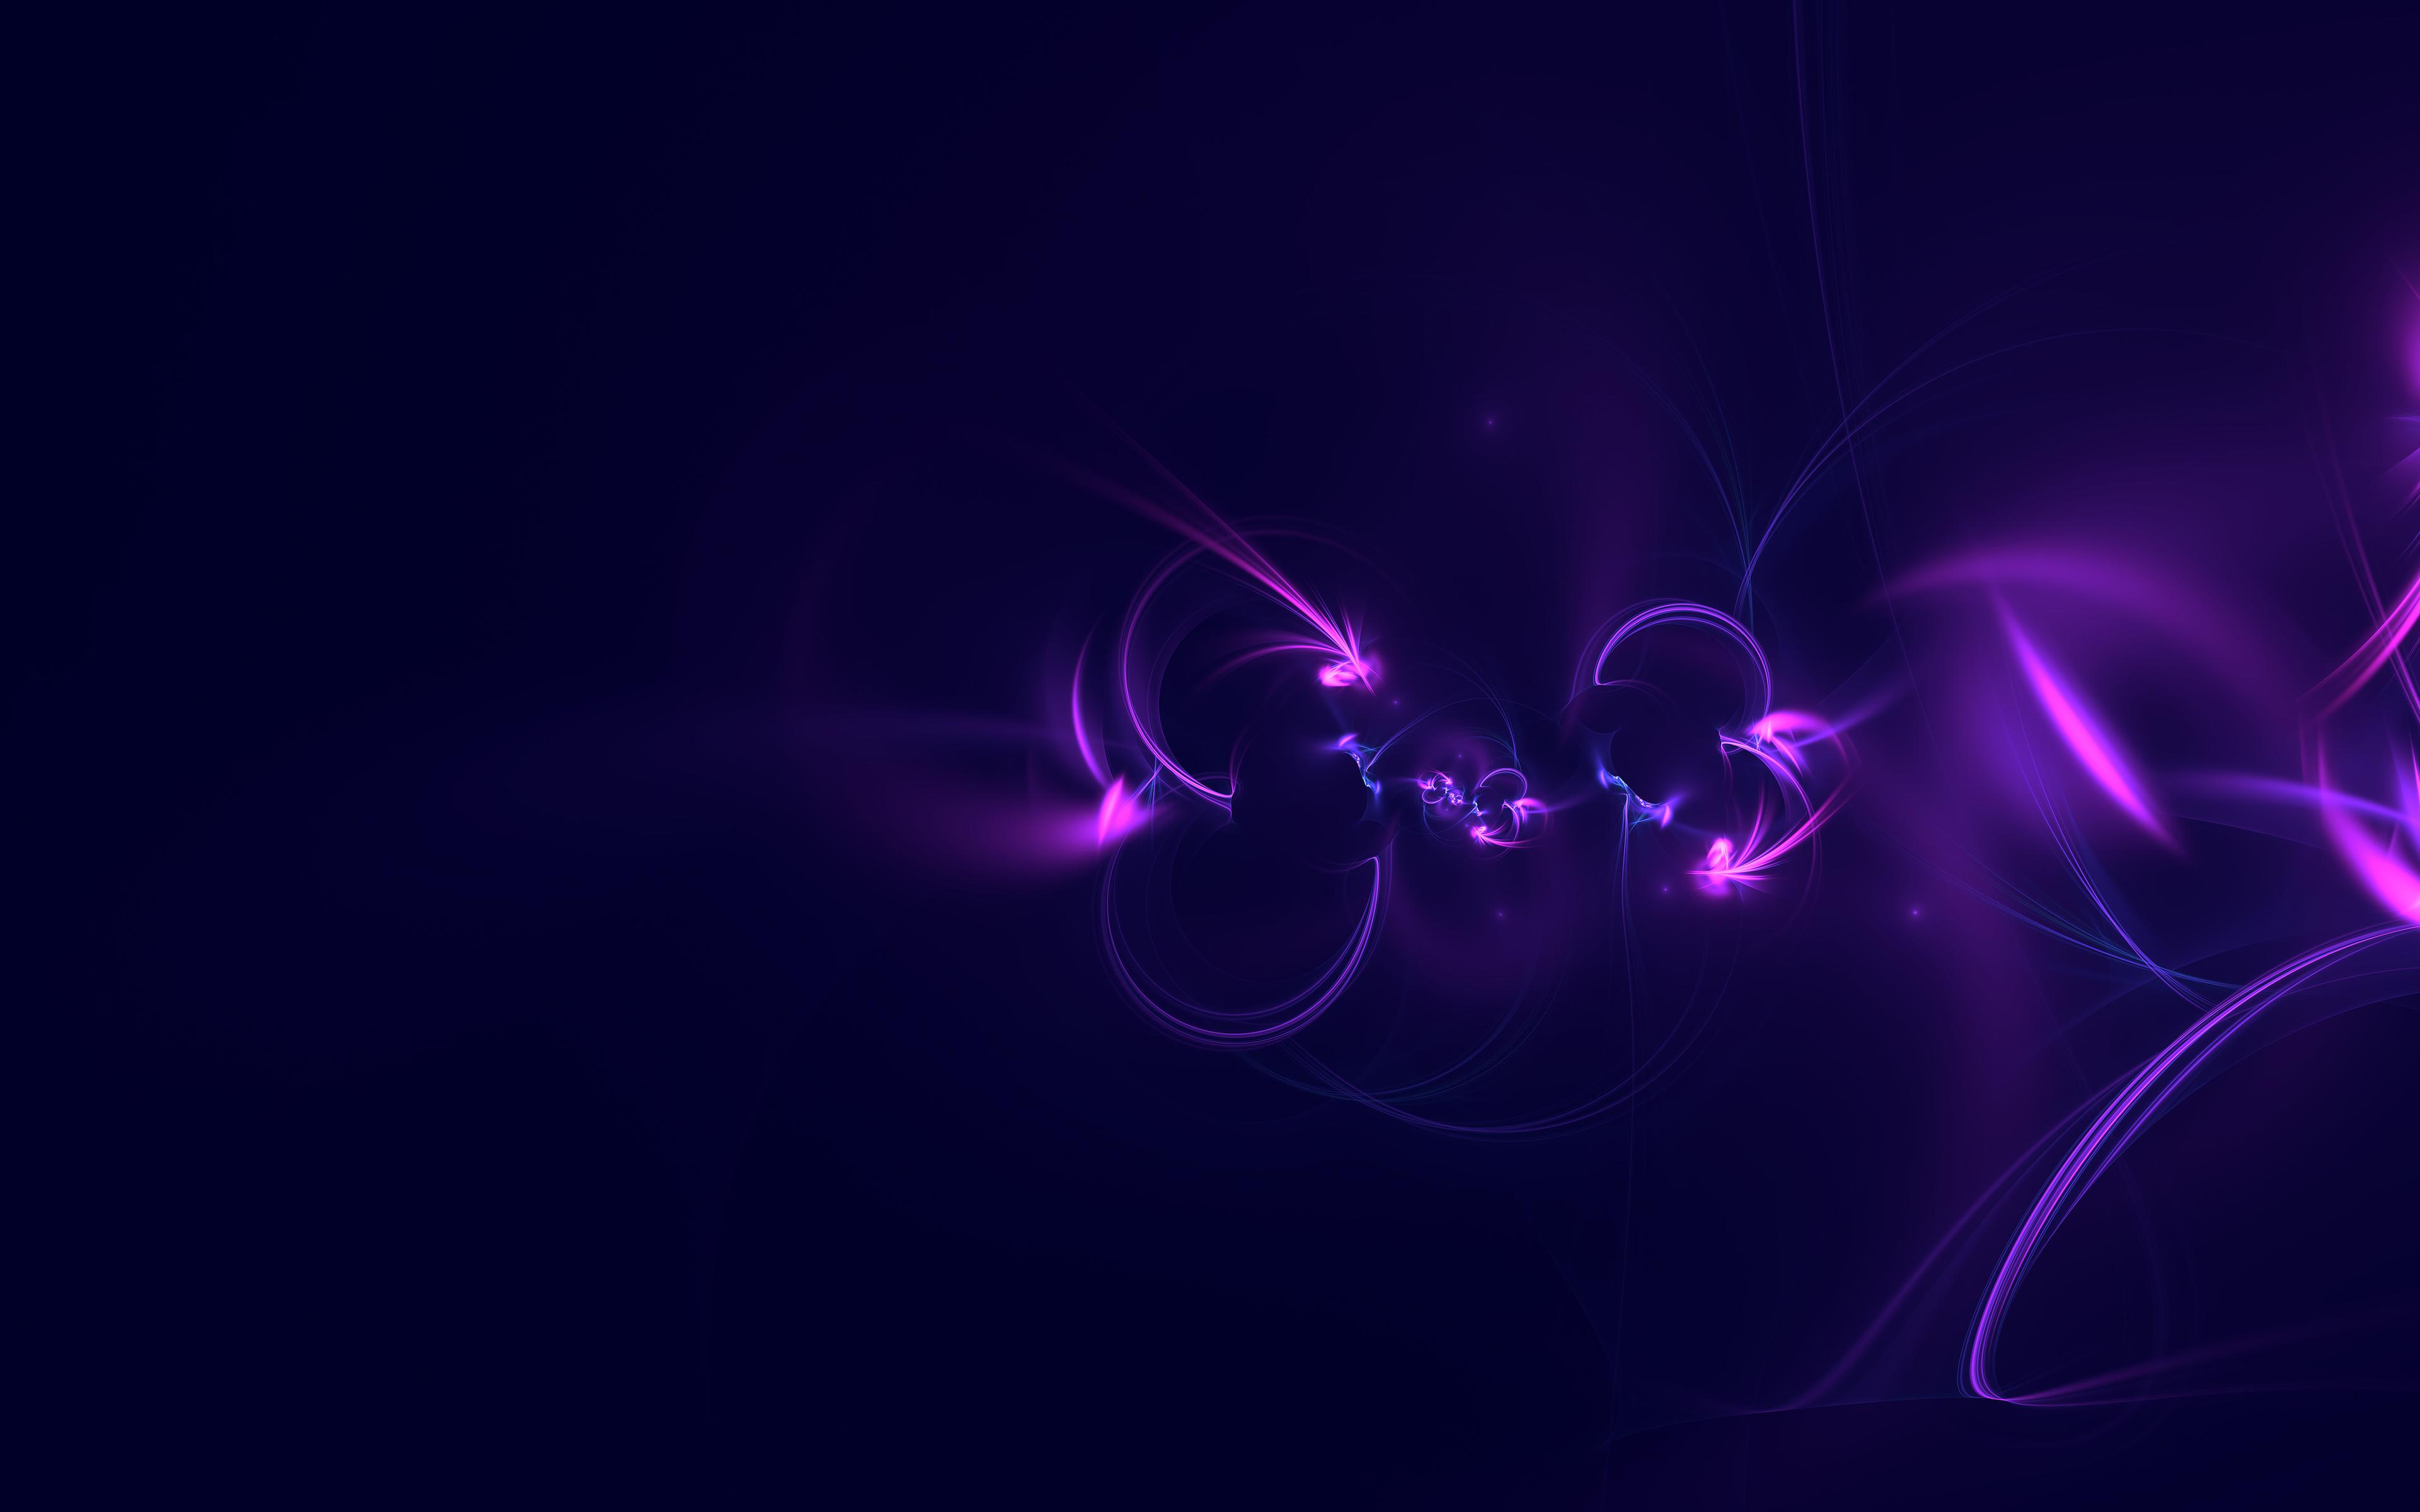 3840x2400 abstract digital art purple background 5k 4k hd 4k wallpapers images backgrounds - Background images 4k hd ...